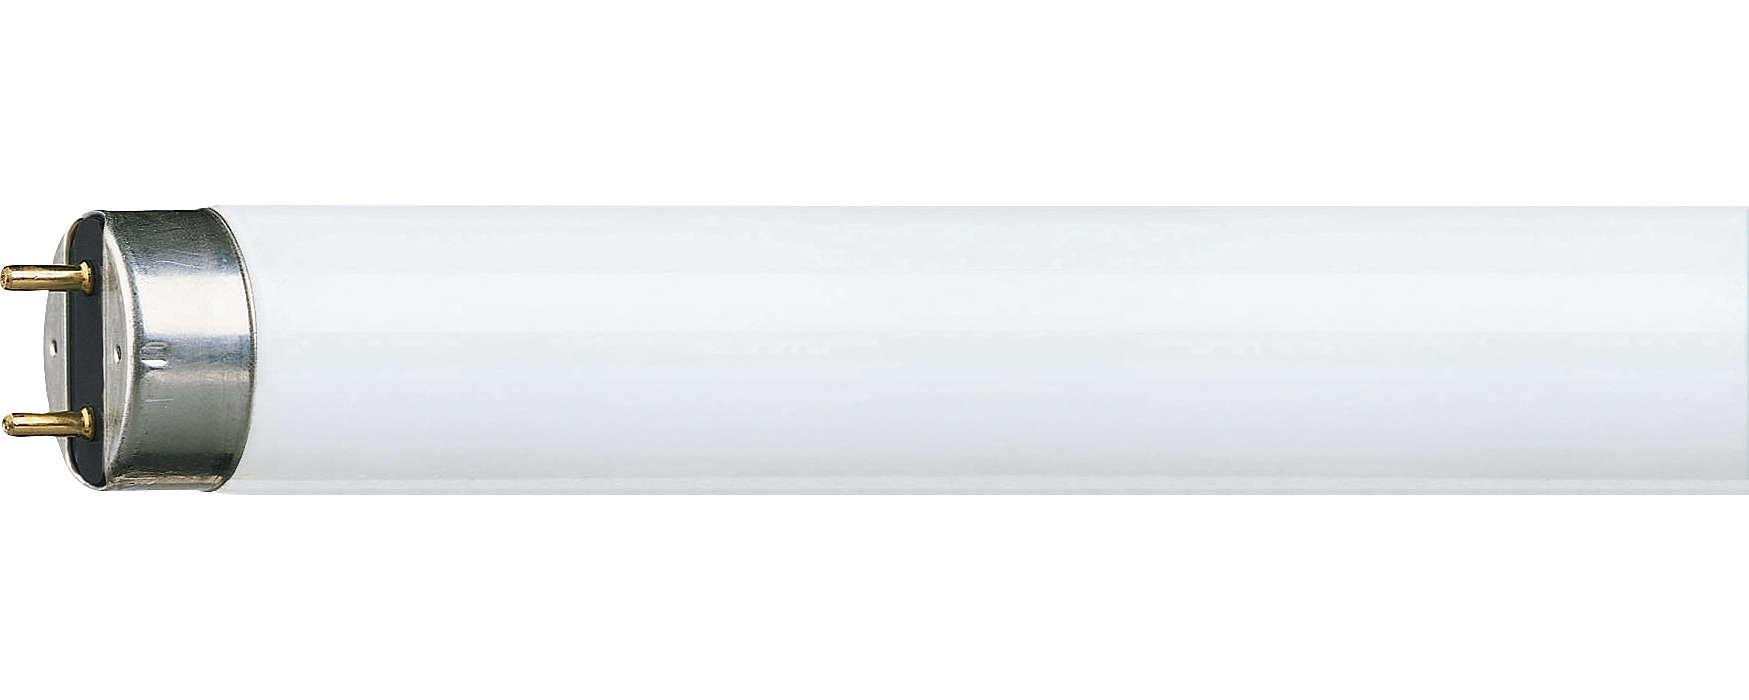 Renksel geriverimi geliştirilmiş verimli floresanlı aydınlatma